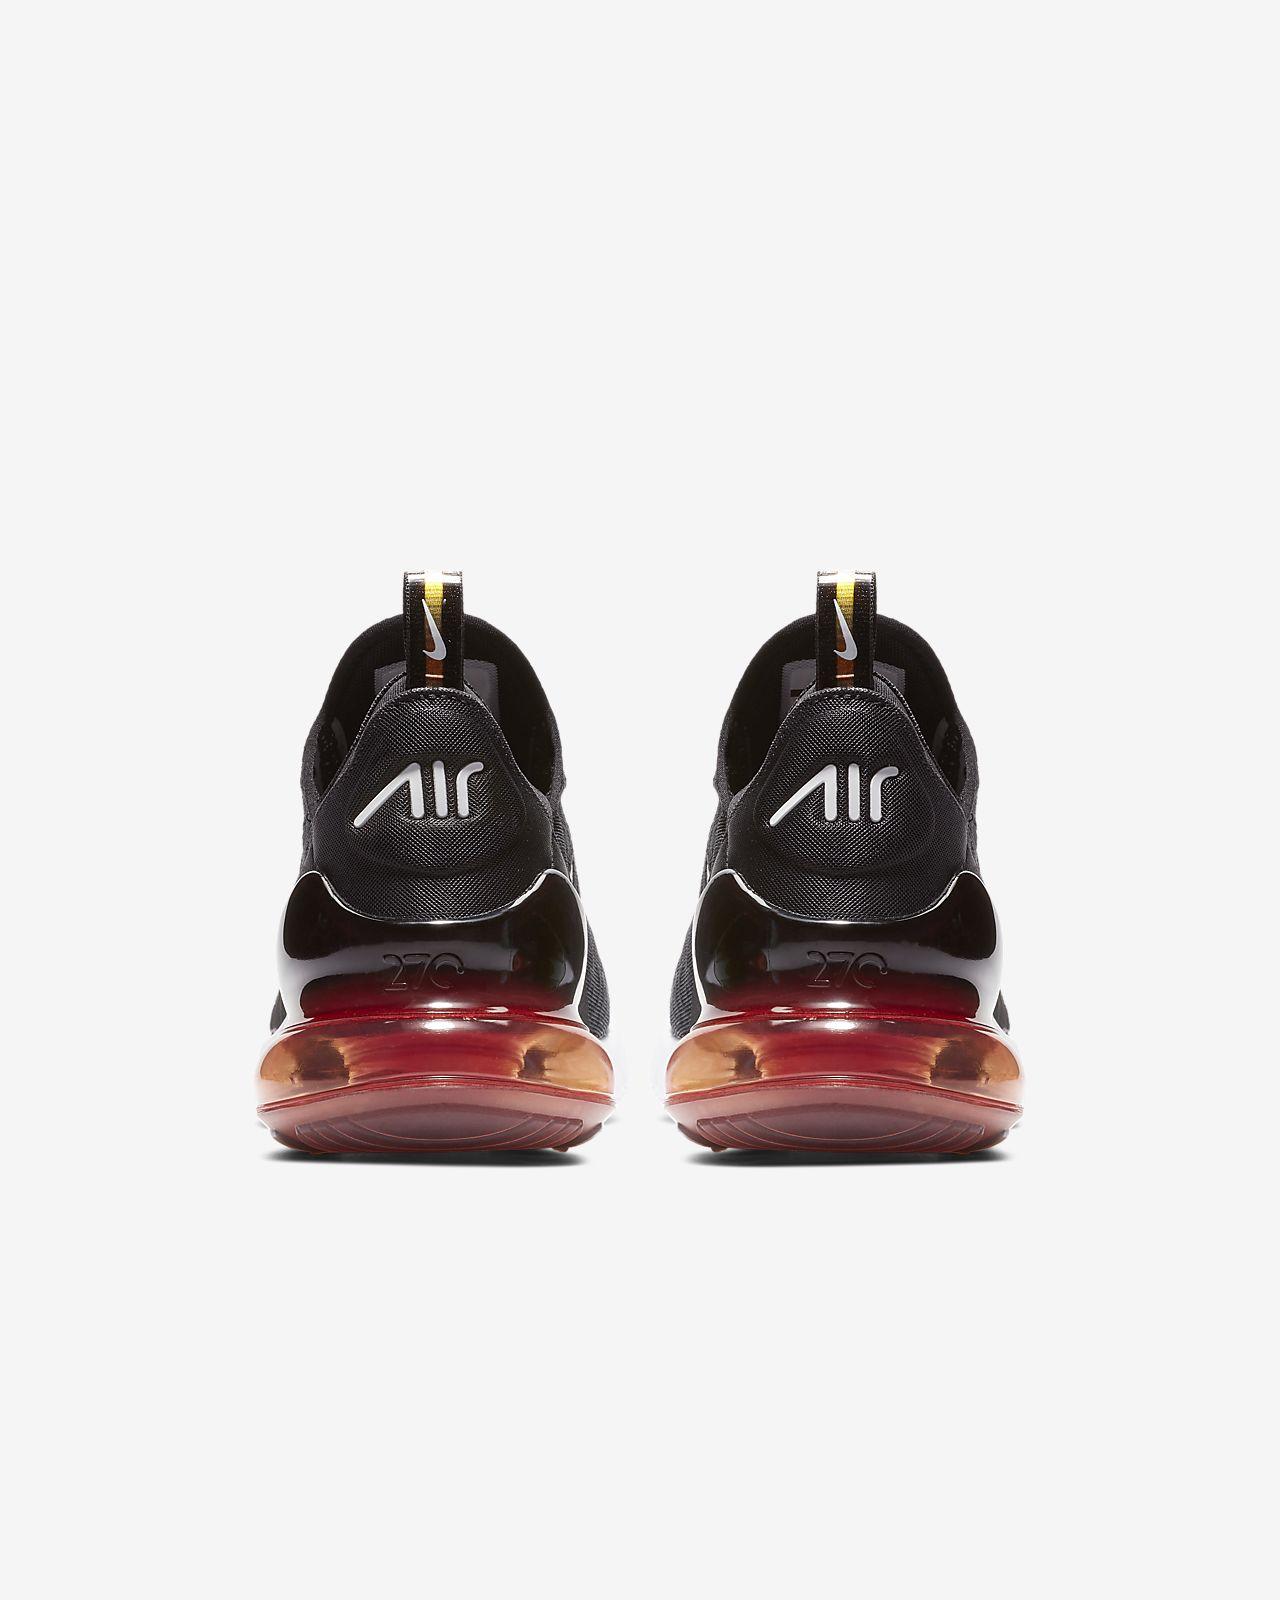 6a335376f2dd7 Nike Air Max 270 SE Zapatillas - Hombre. Nike.com ES